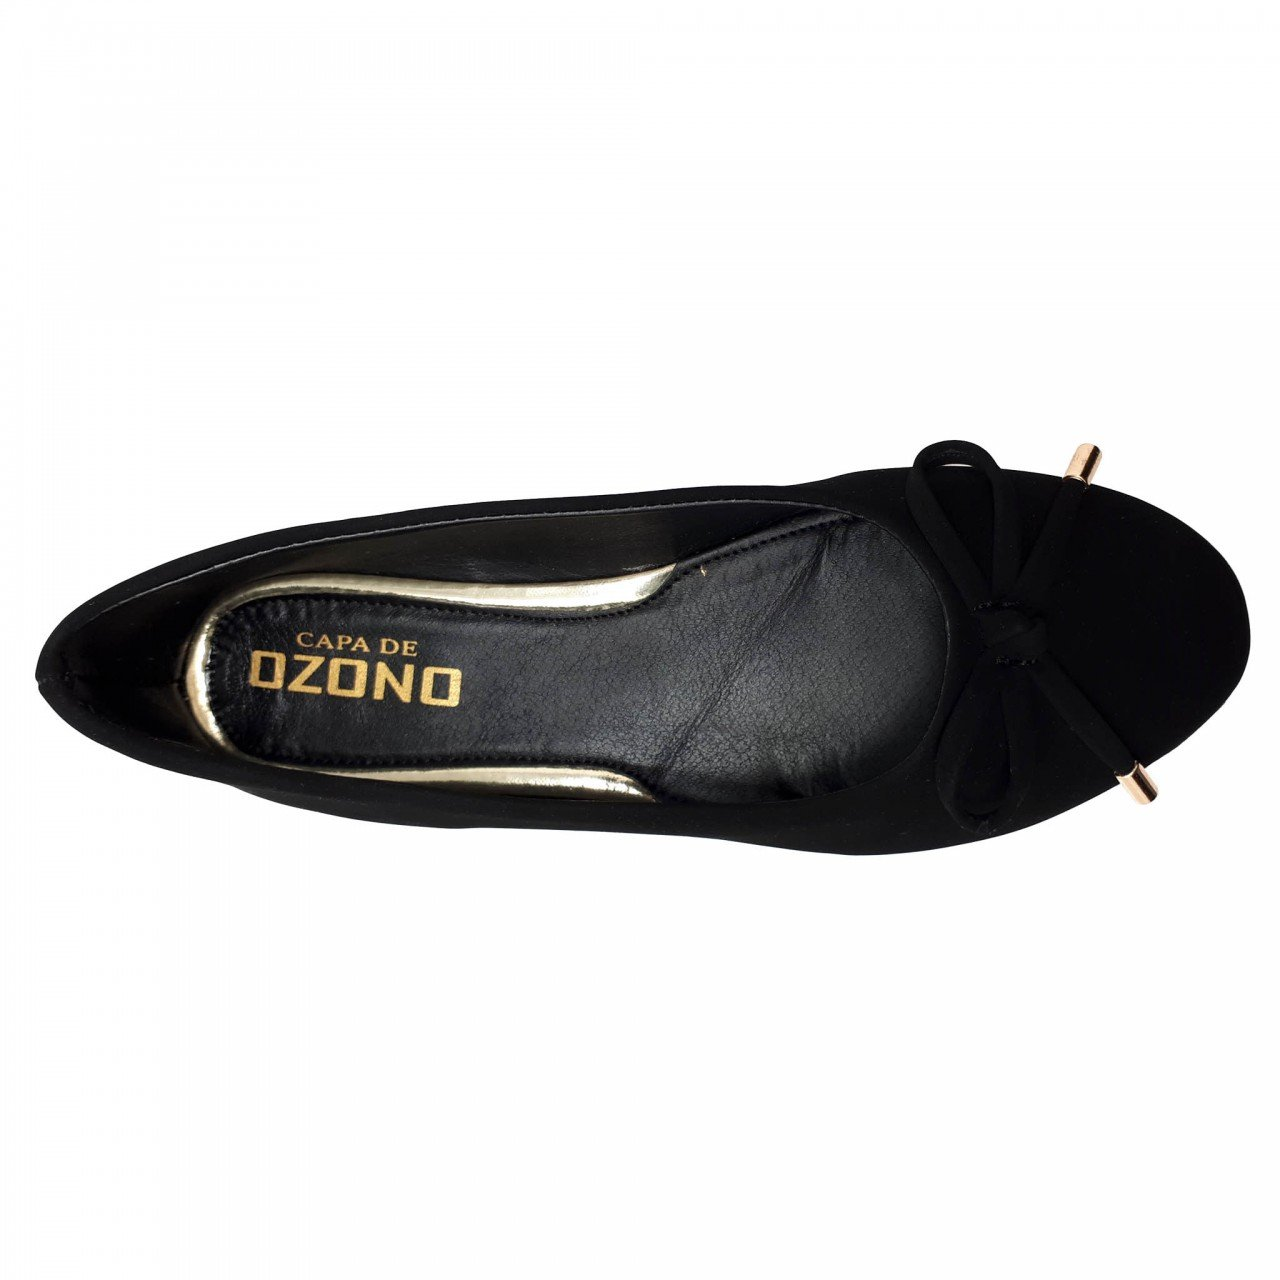 Balerina negra para mujer Capa de ozono 315633